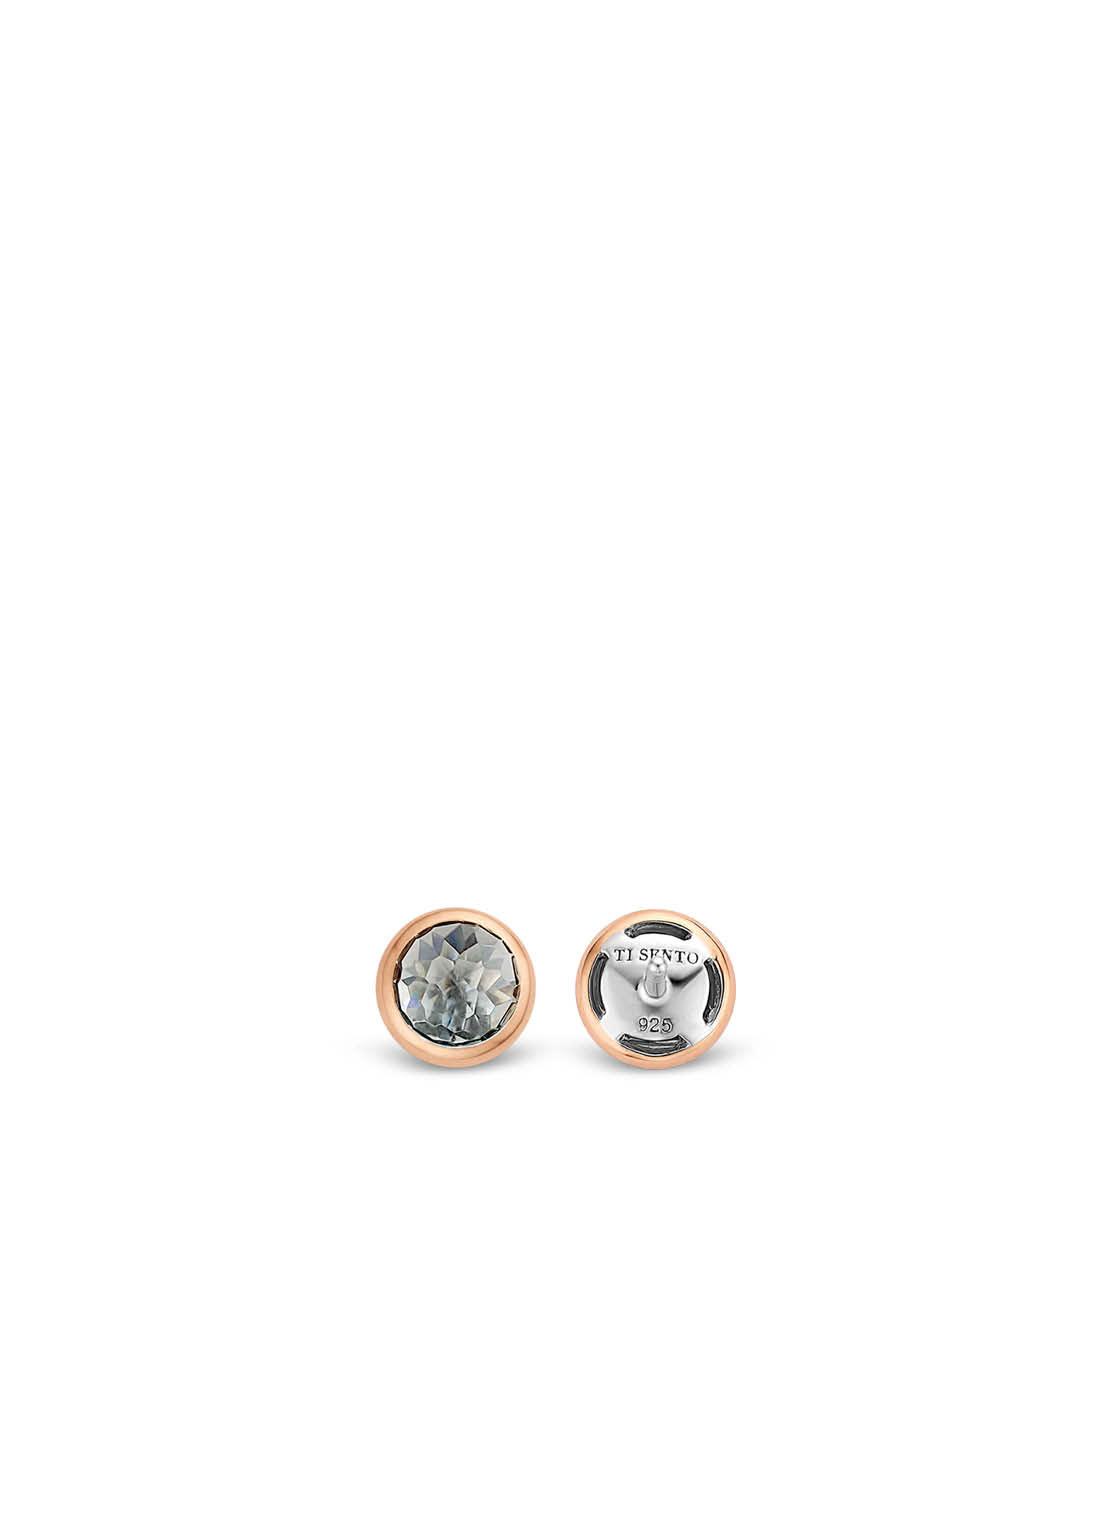 TI SENTO - Milano Earrings 7748GB-4